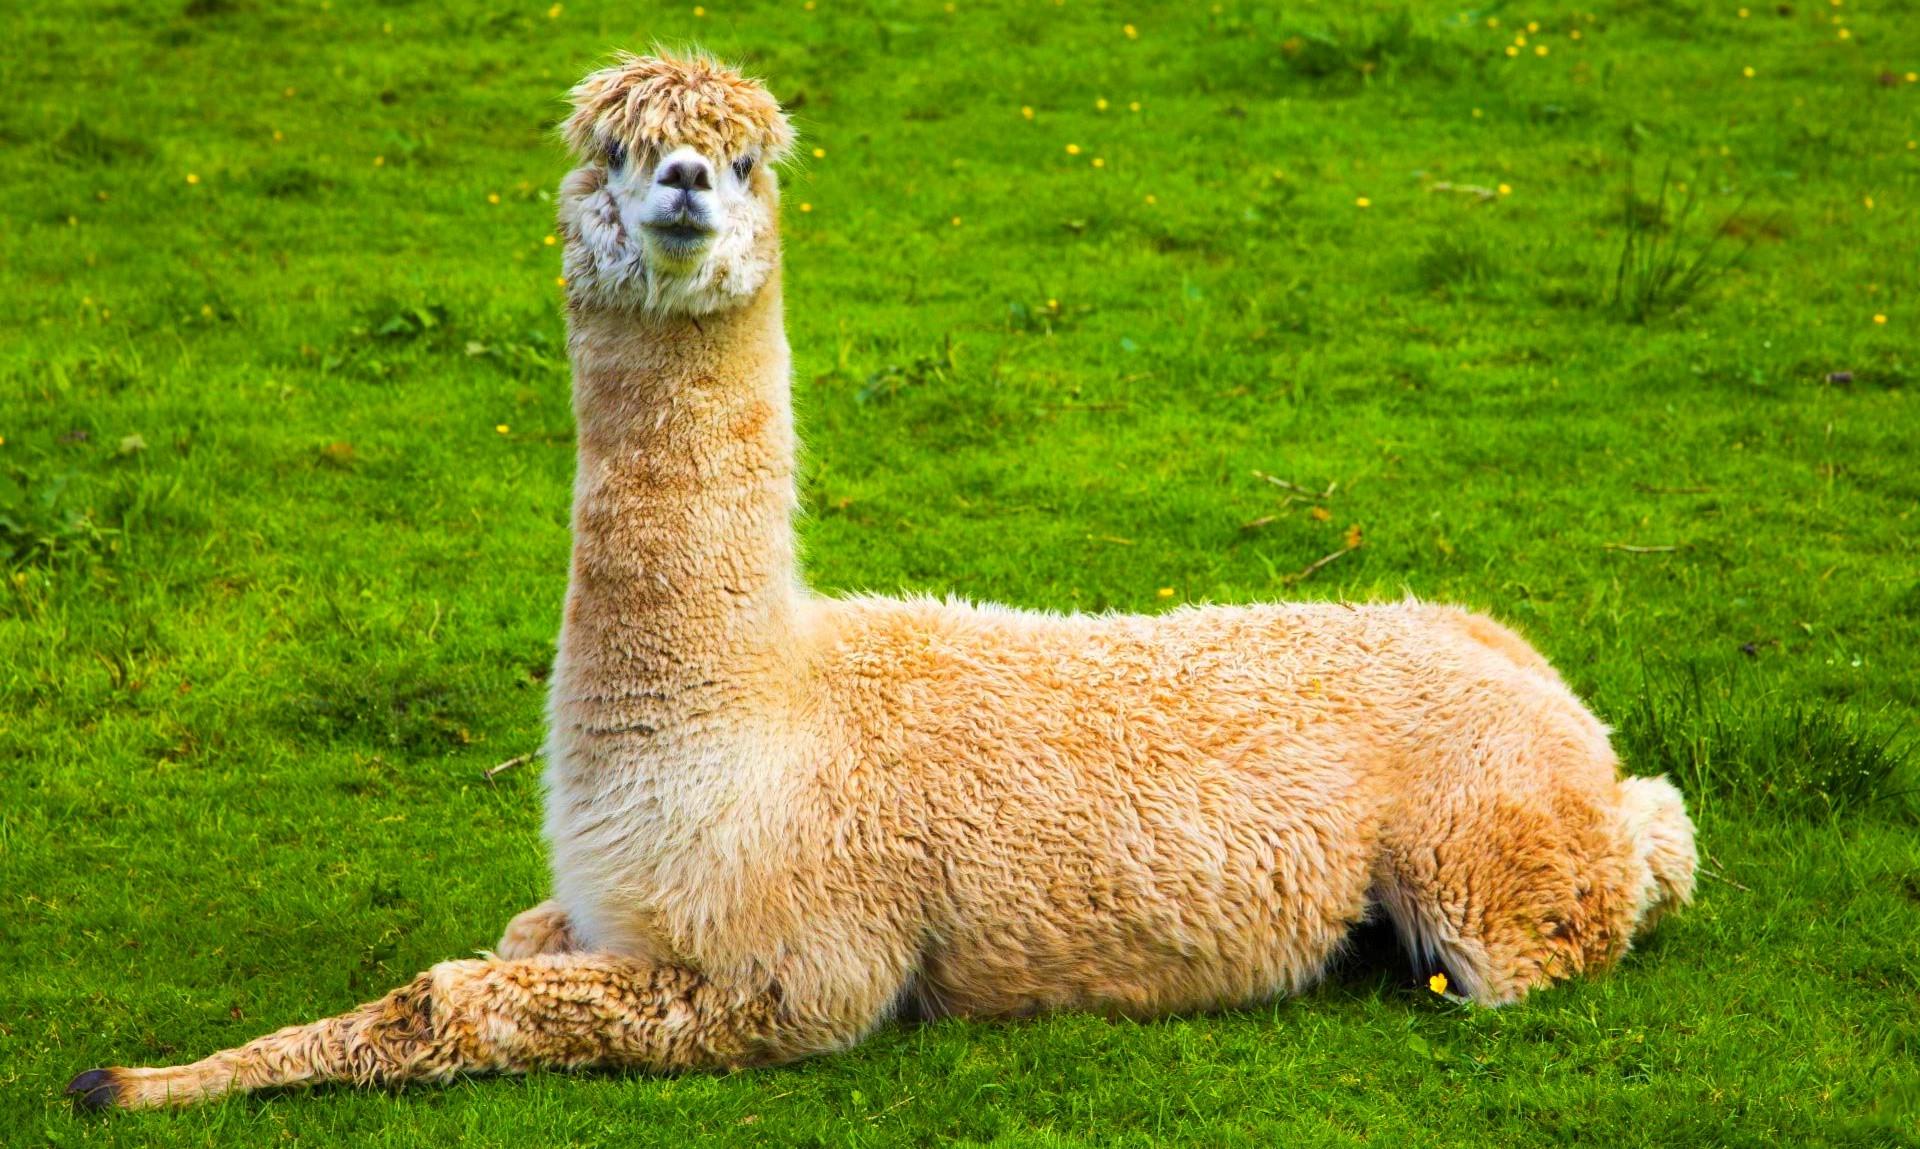 Лама – описание, особенности, ареал, размножение, виды, питание, образ жизни, фото и видео